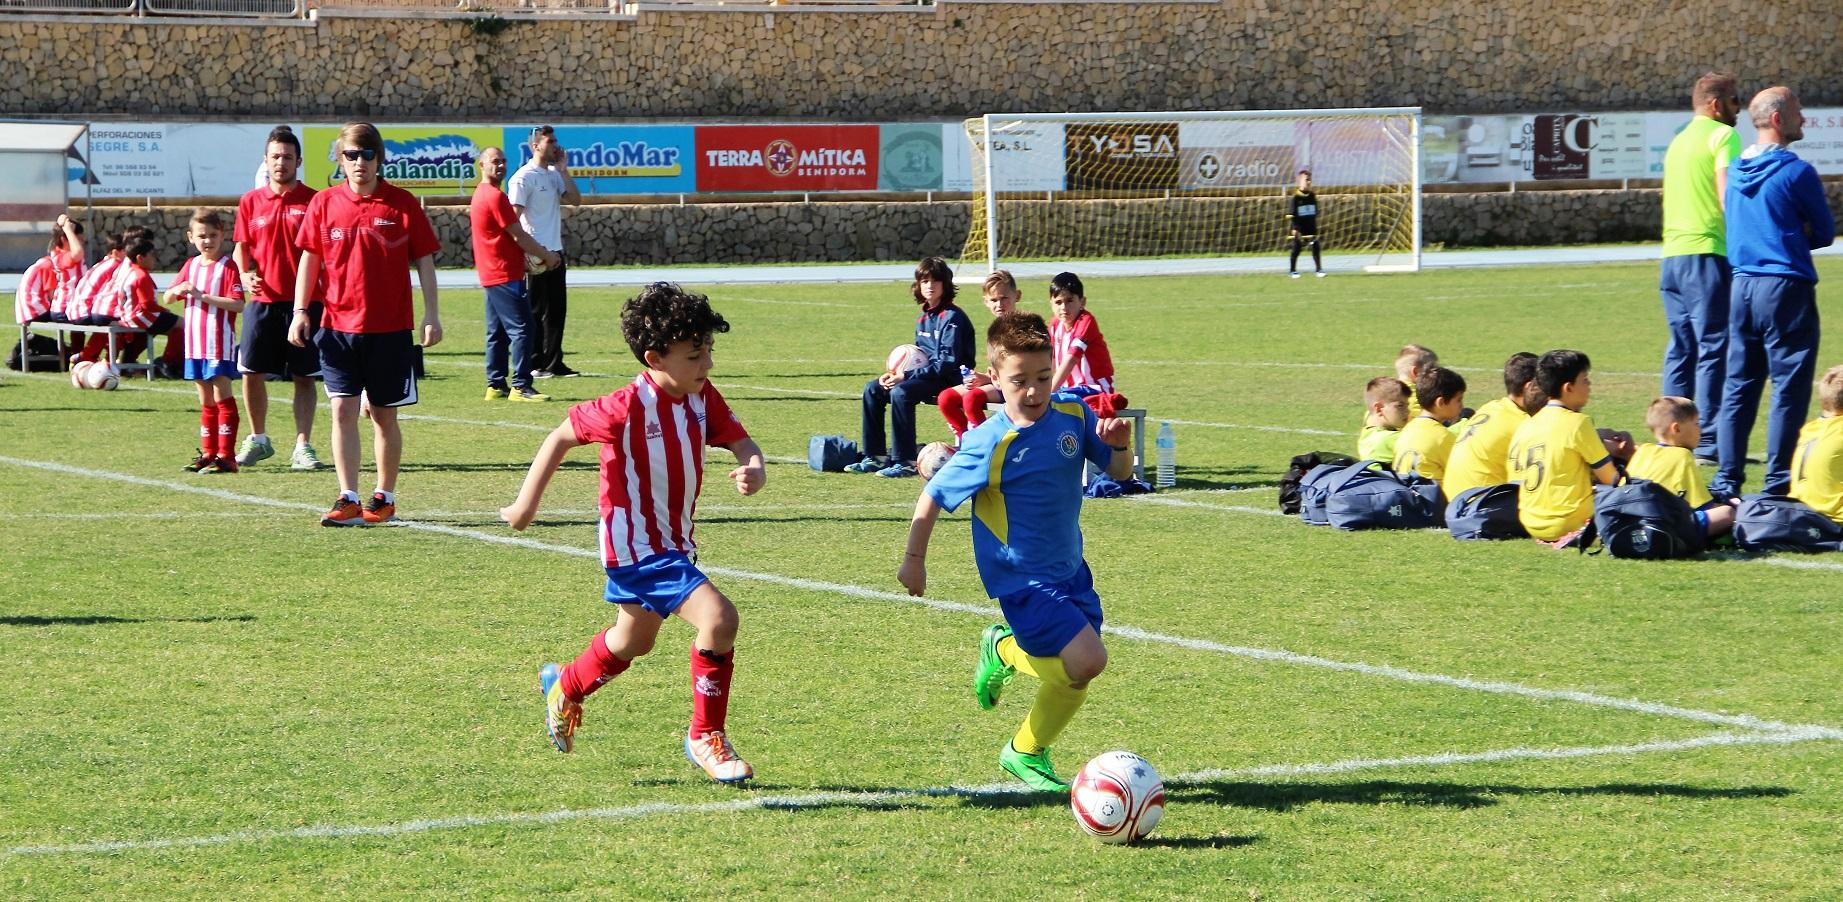 L'Alfàs del Pi celebra la segunda edición del torneo Querusport Nova Cup el próximo fin de semana